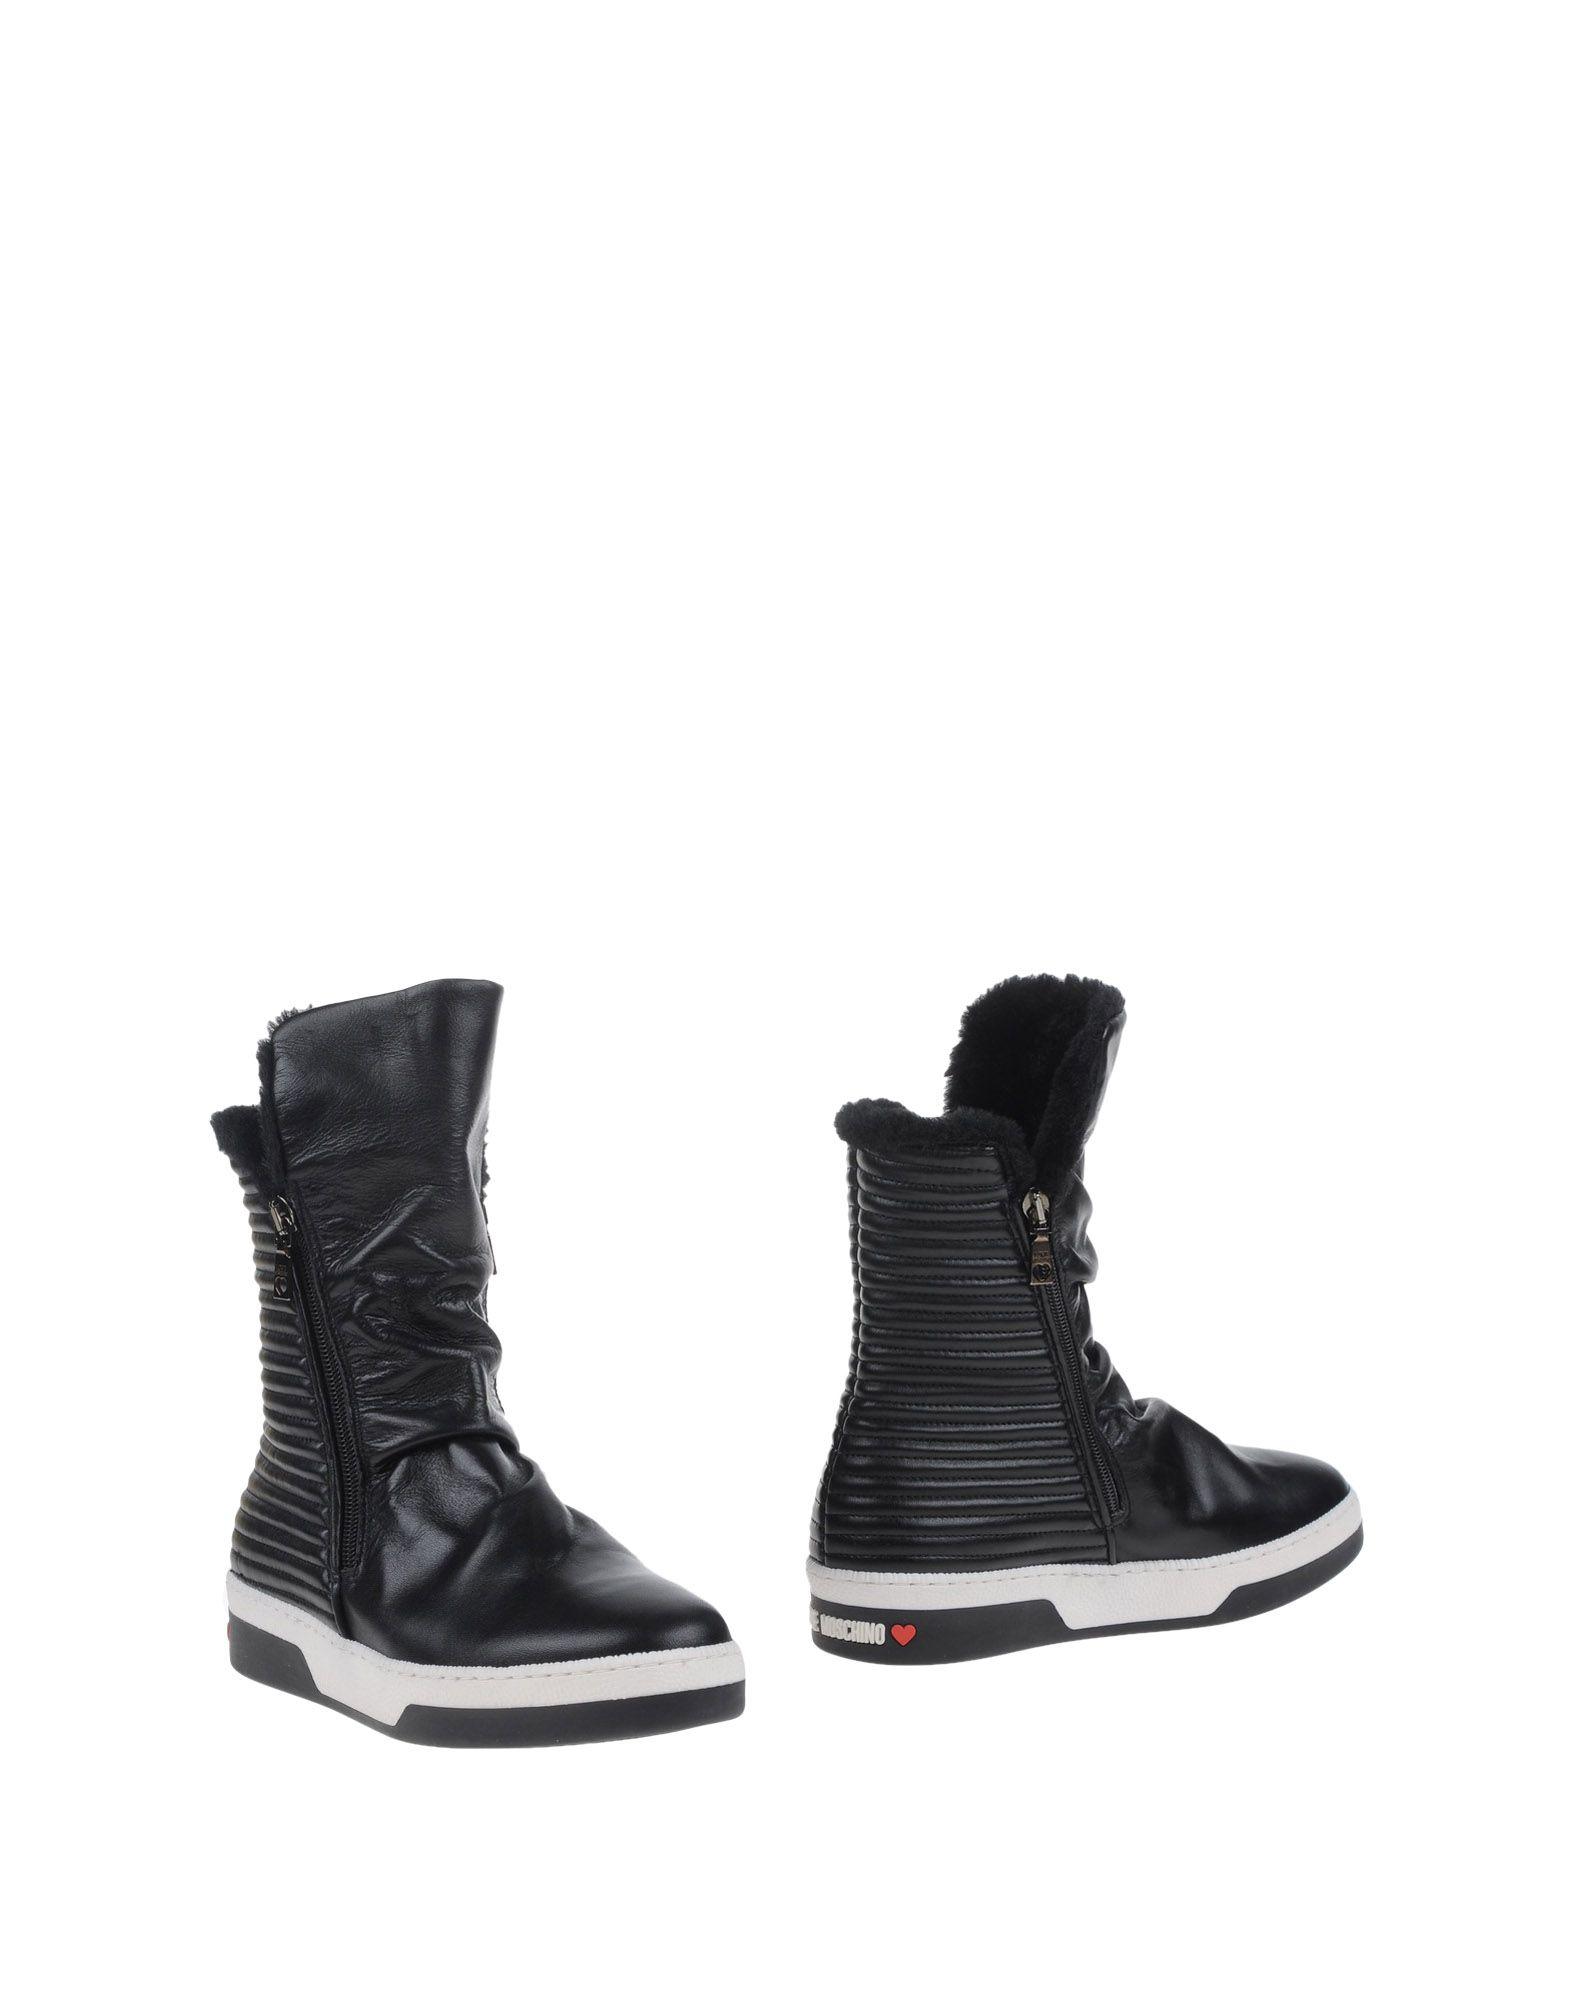 Stilvolle Stiefelette billige Schuhe Love Moschino Stiefelette Stilvolle Damen  11051071BF b6cf24